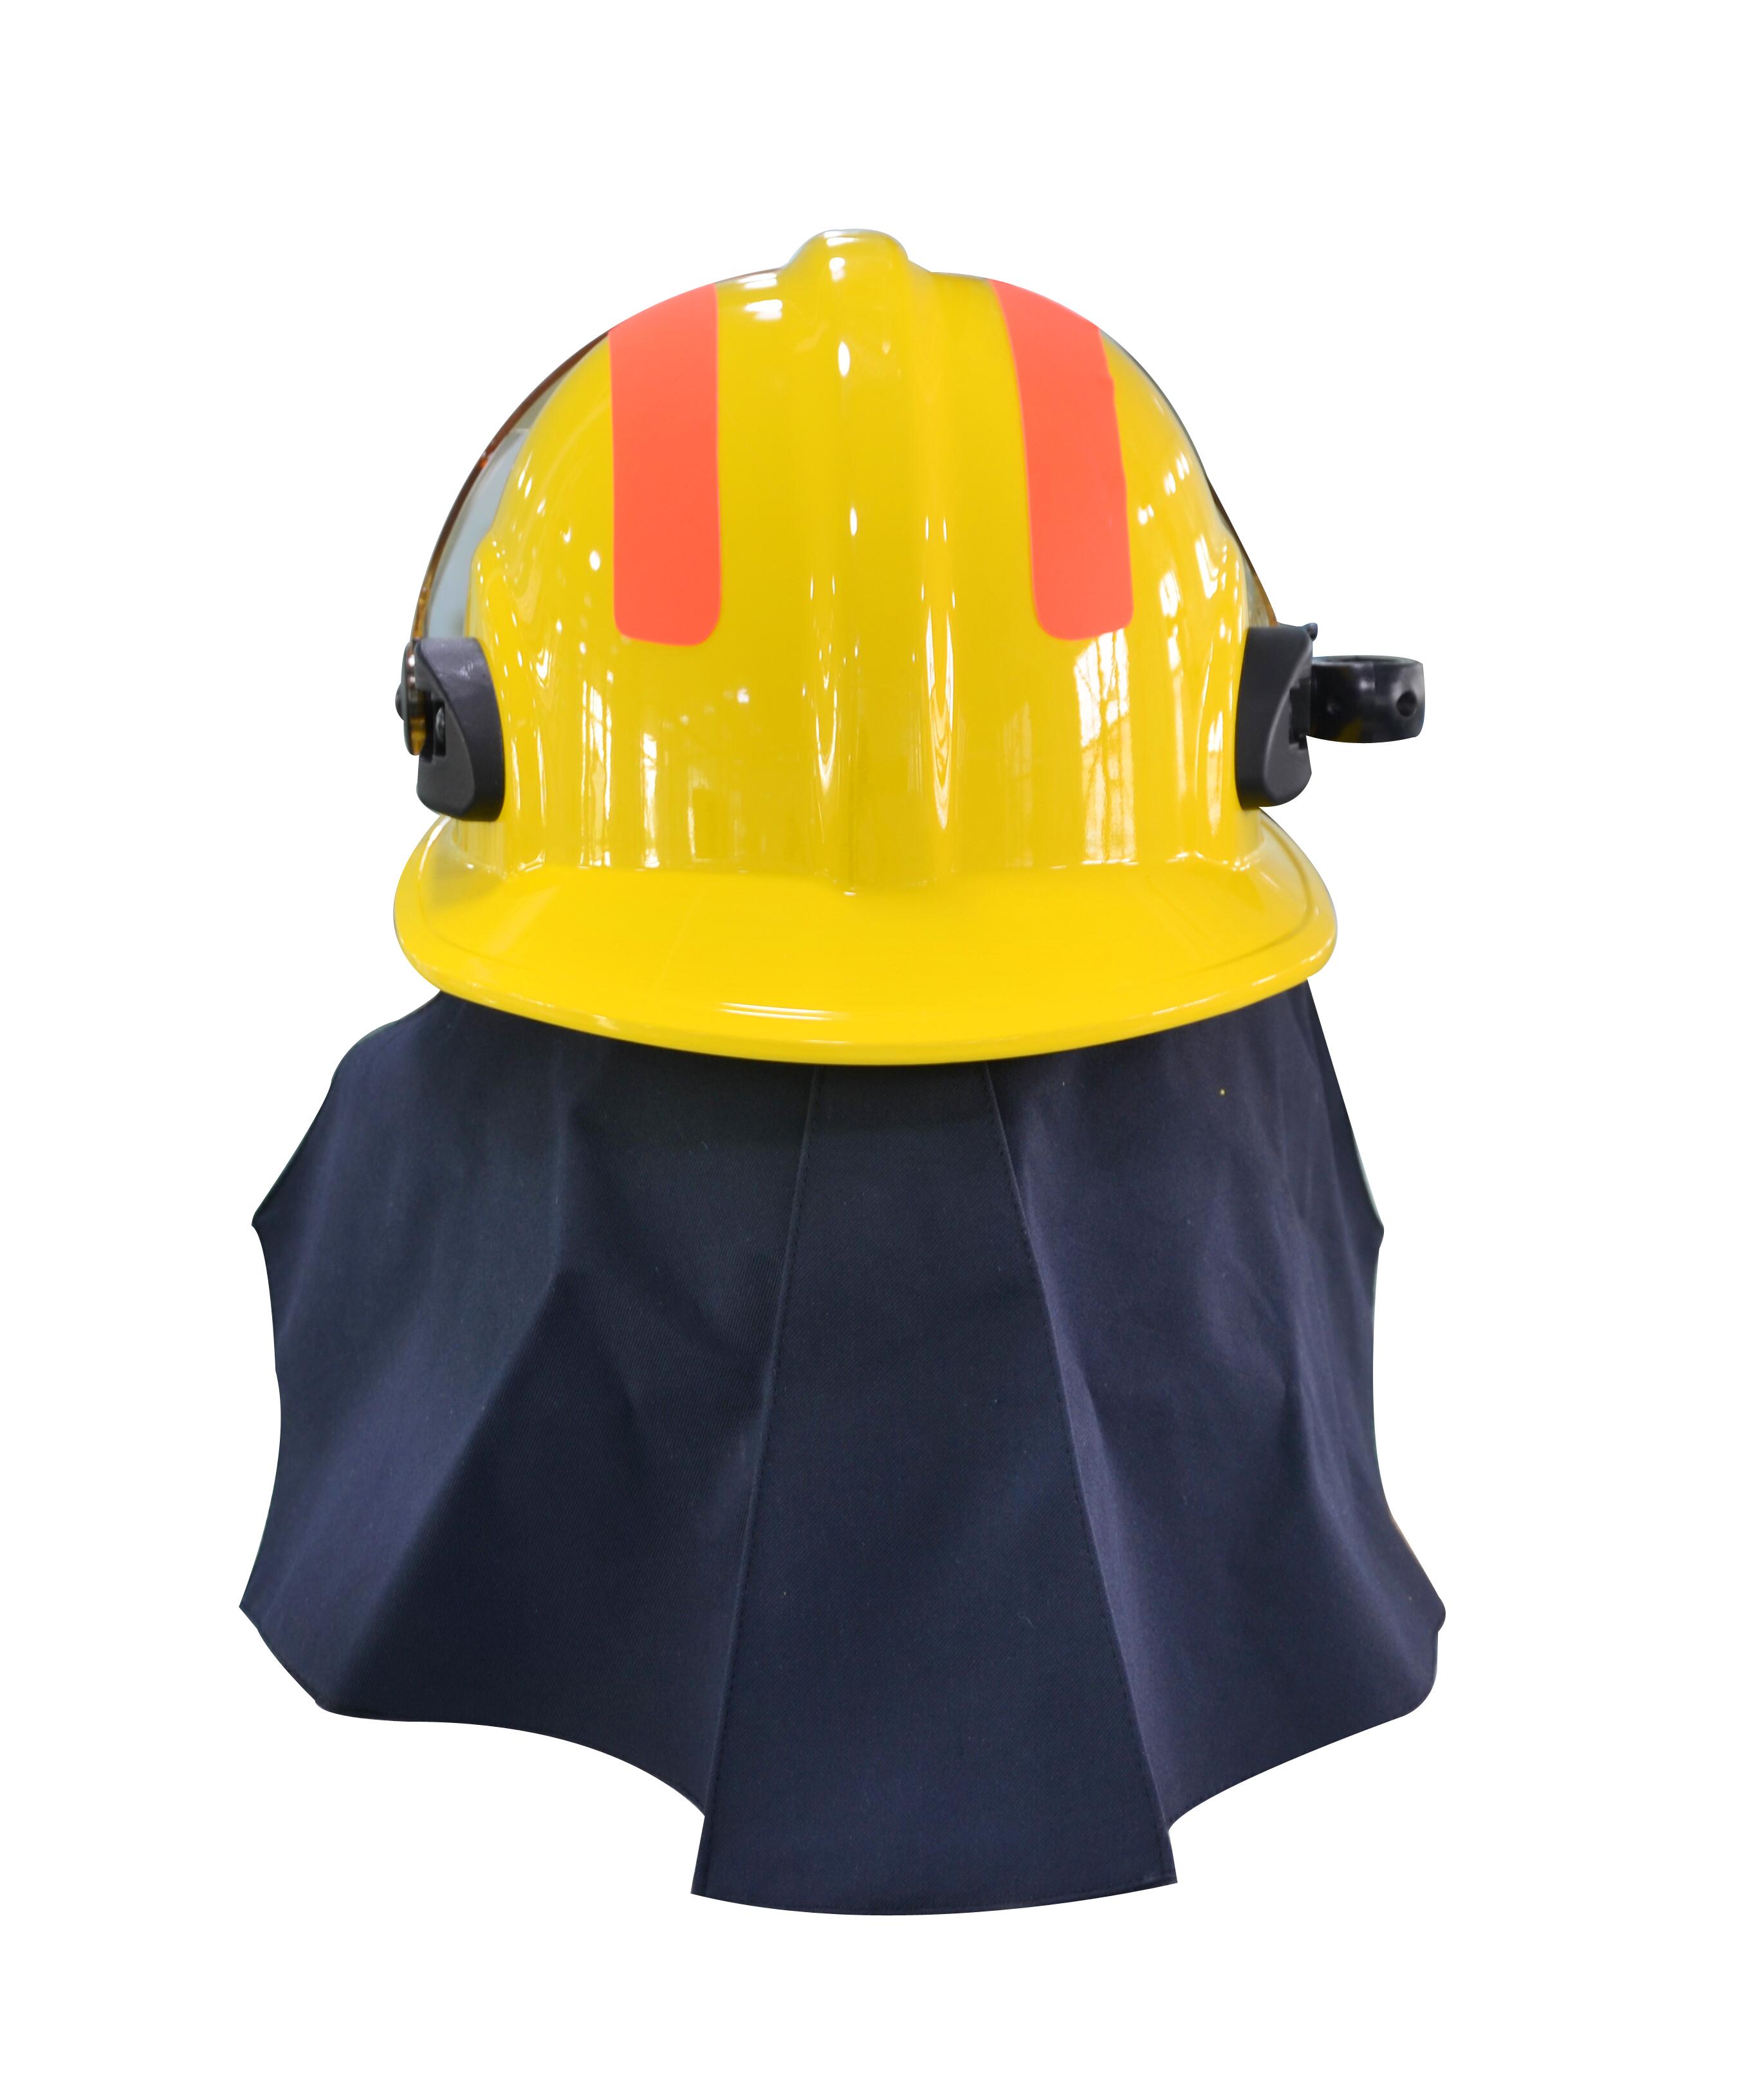 17式消防頭盔